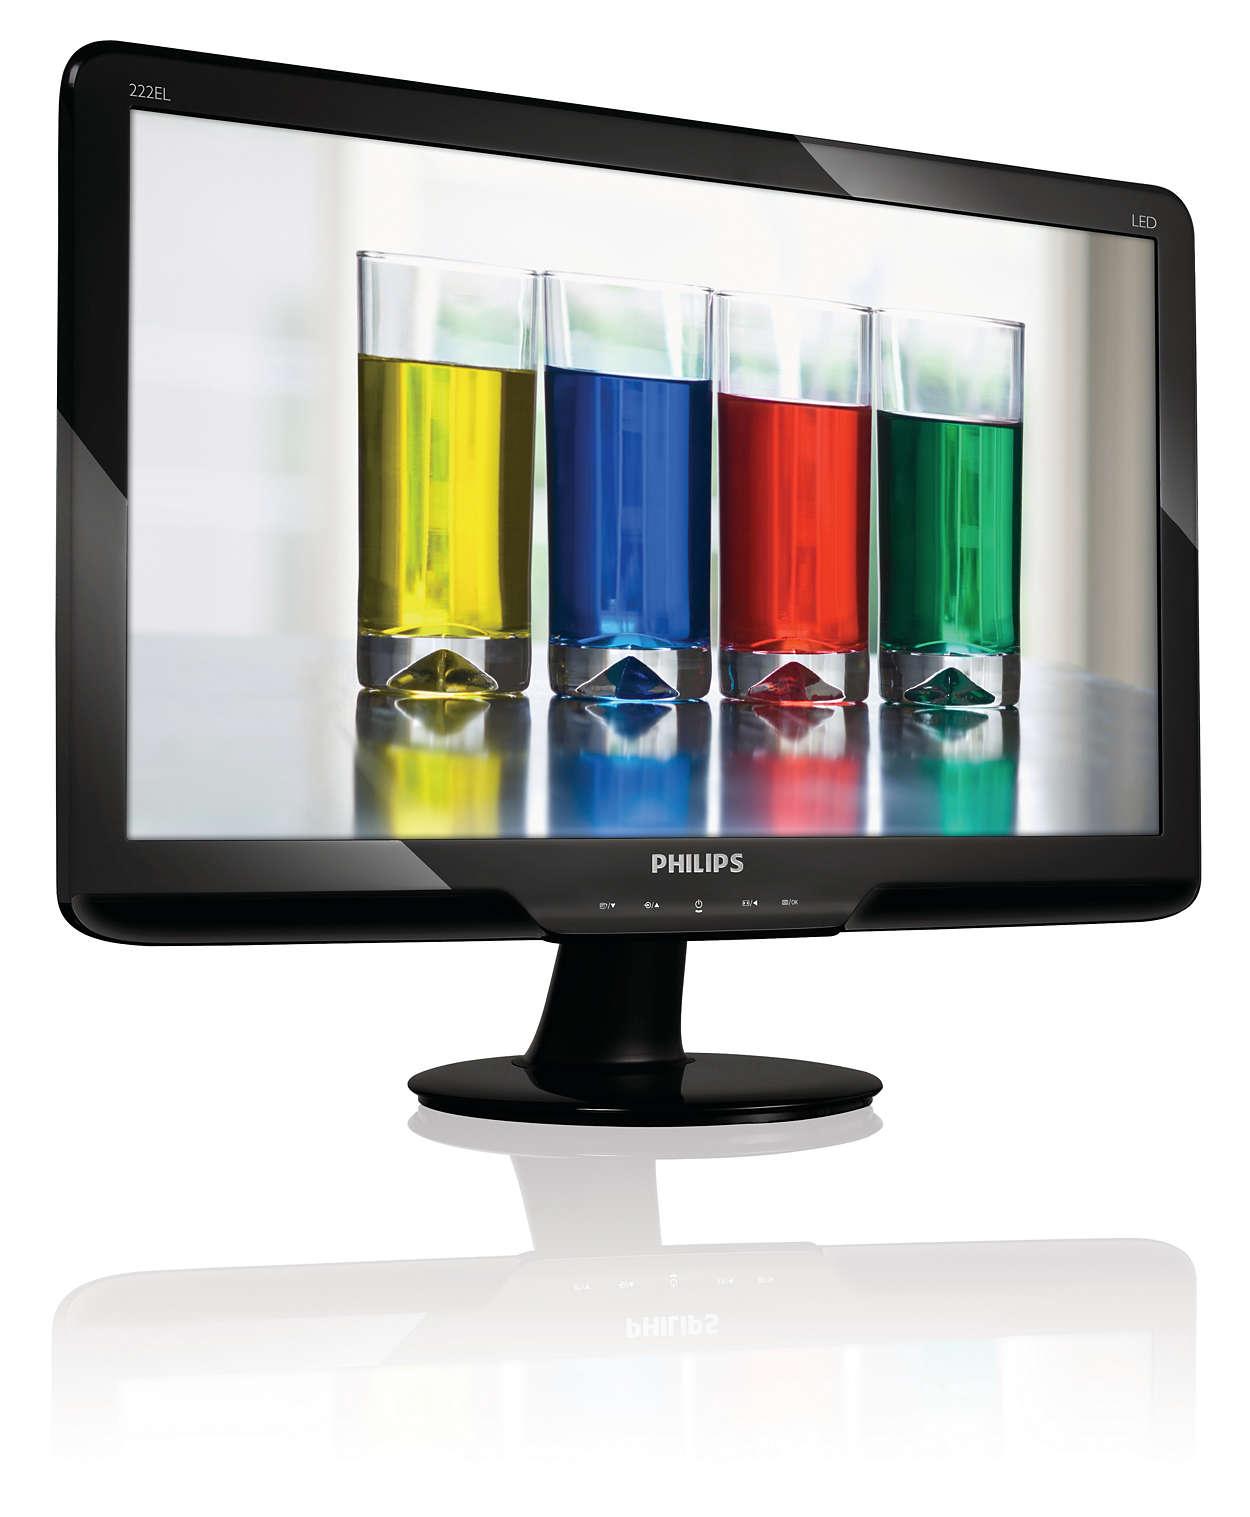 優雅 Full HD LED 顯示器,呈現自然色彩